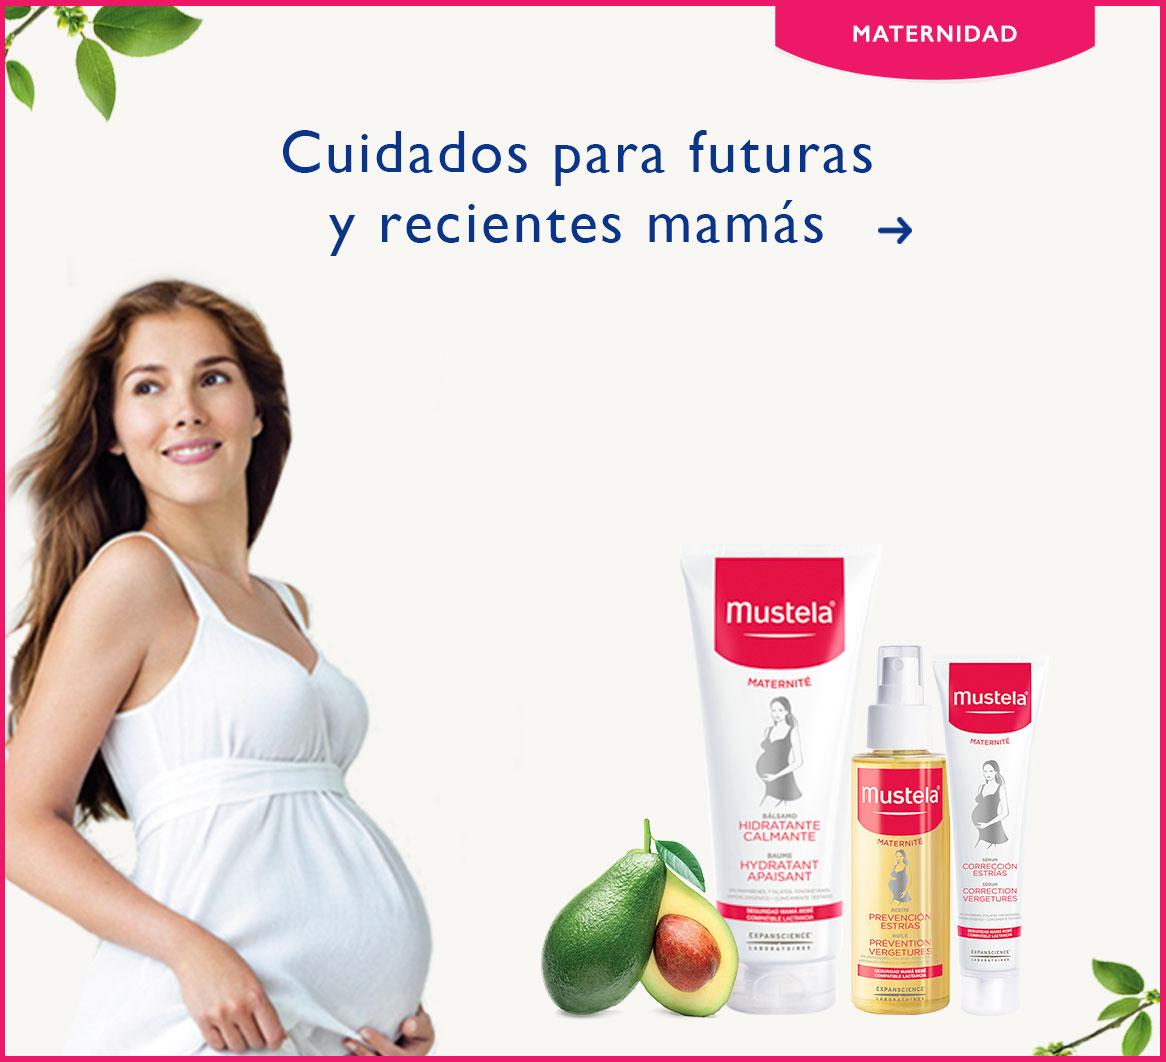 Madres y futuras madres